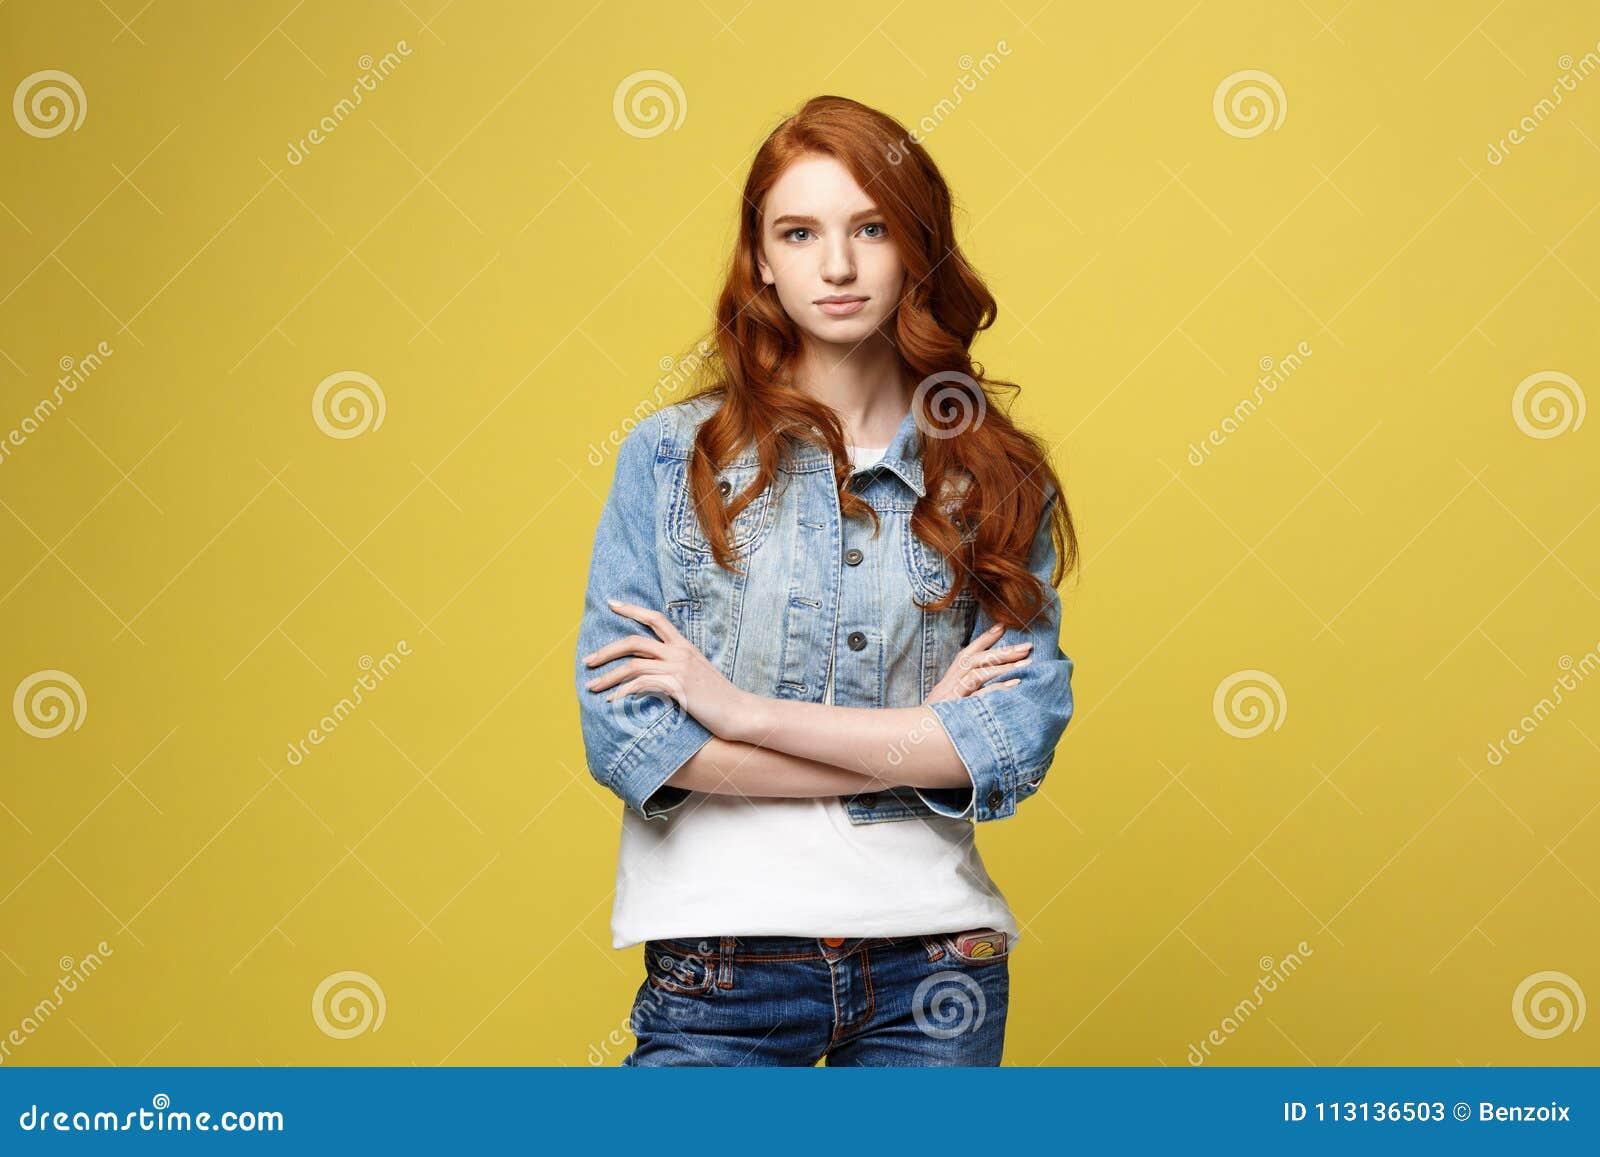 Έννοια τρόπου ζωής: Η νέα καυκάσια όμορφη γυναίκα στο σακάκι τζιν διέσχισε τα όπλα - που απομονώθηκαν πέρα από το φωτεινό κίτρινο